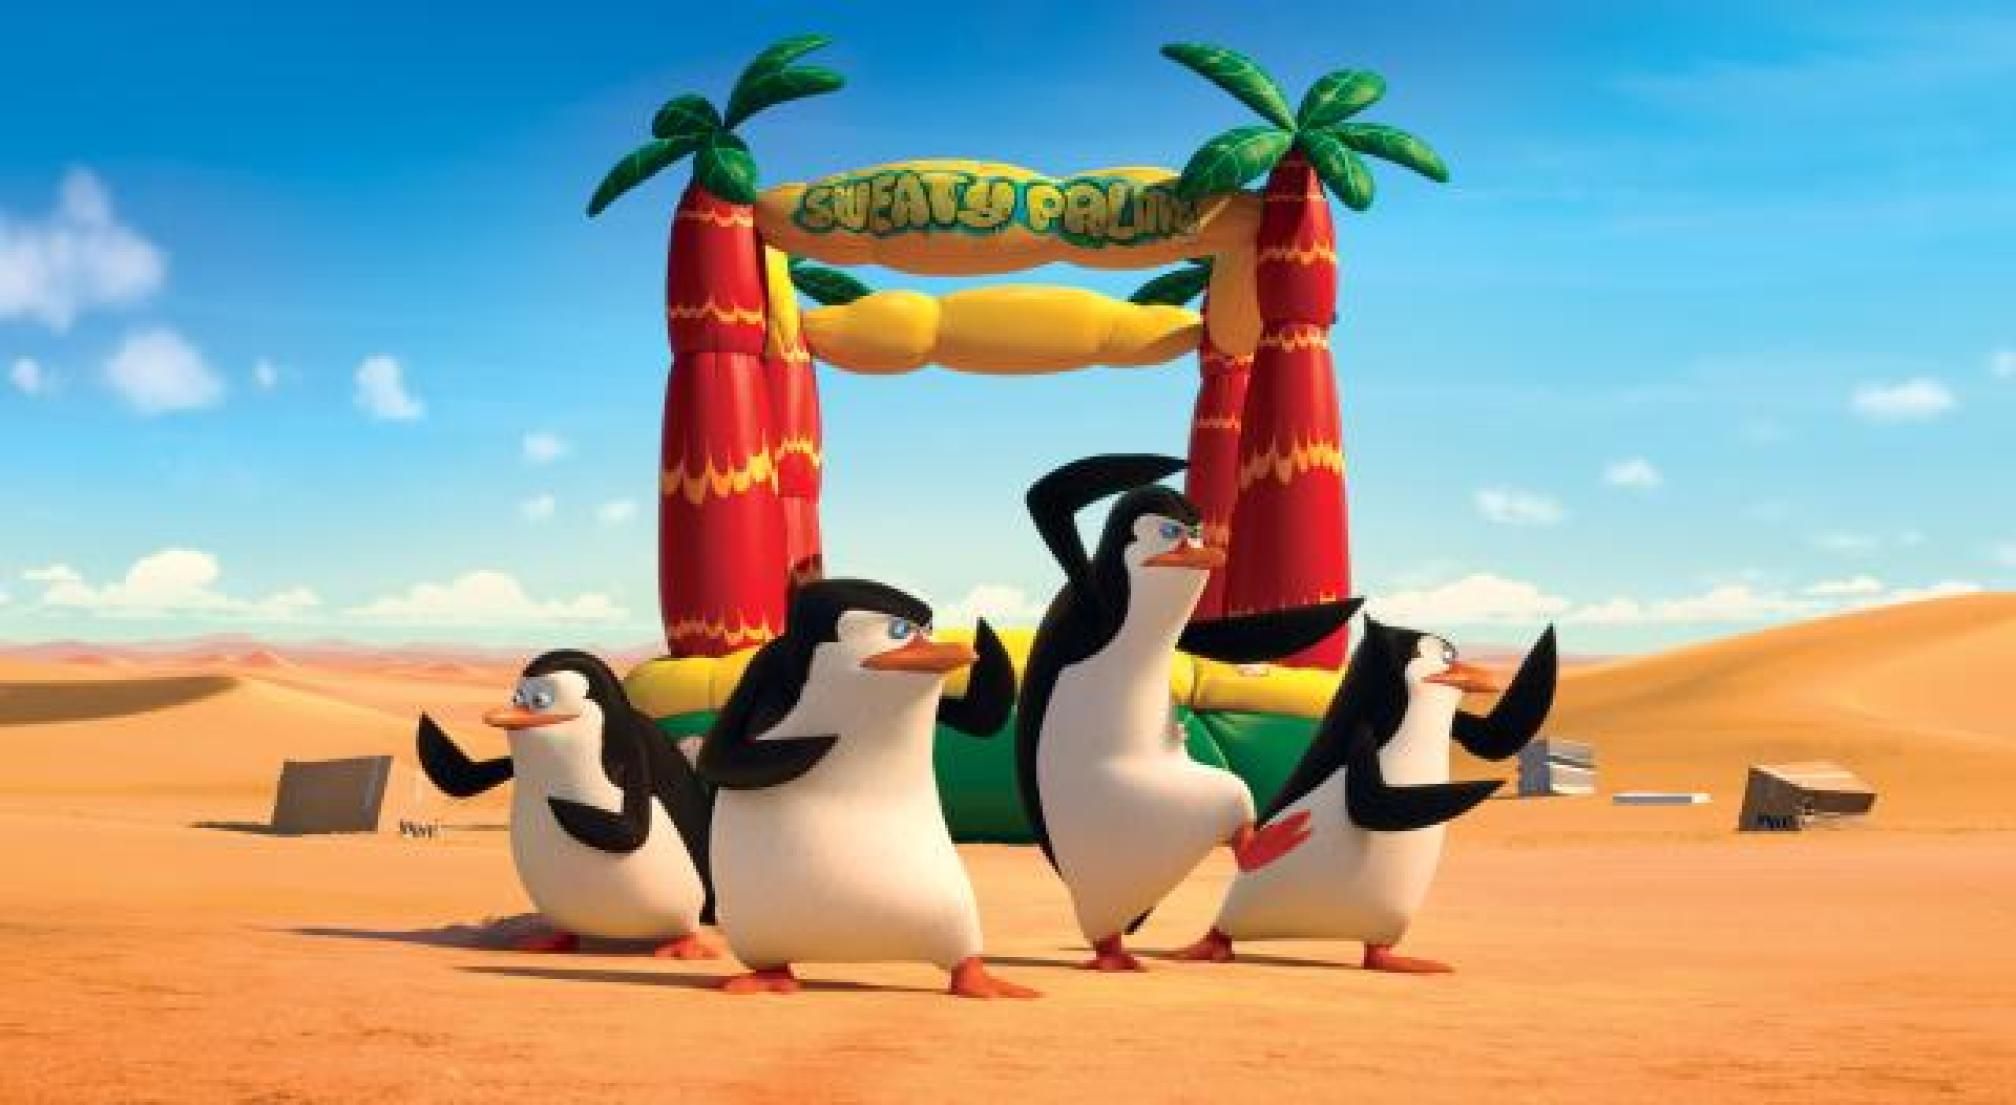 馬達加斯加爆走企鵝劇照 5